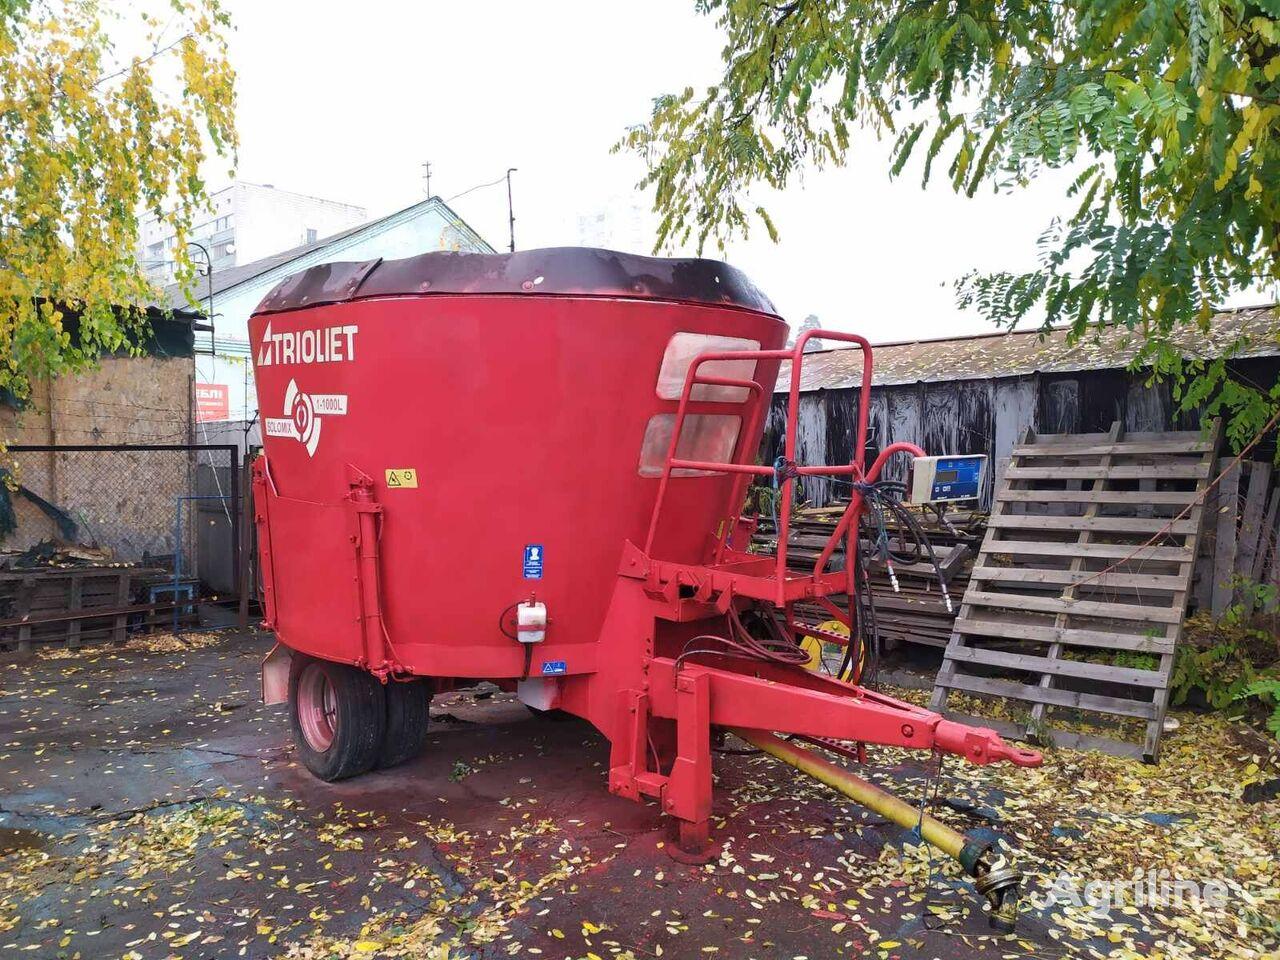 TRIOLIET SM 10L feed mixer